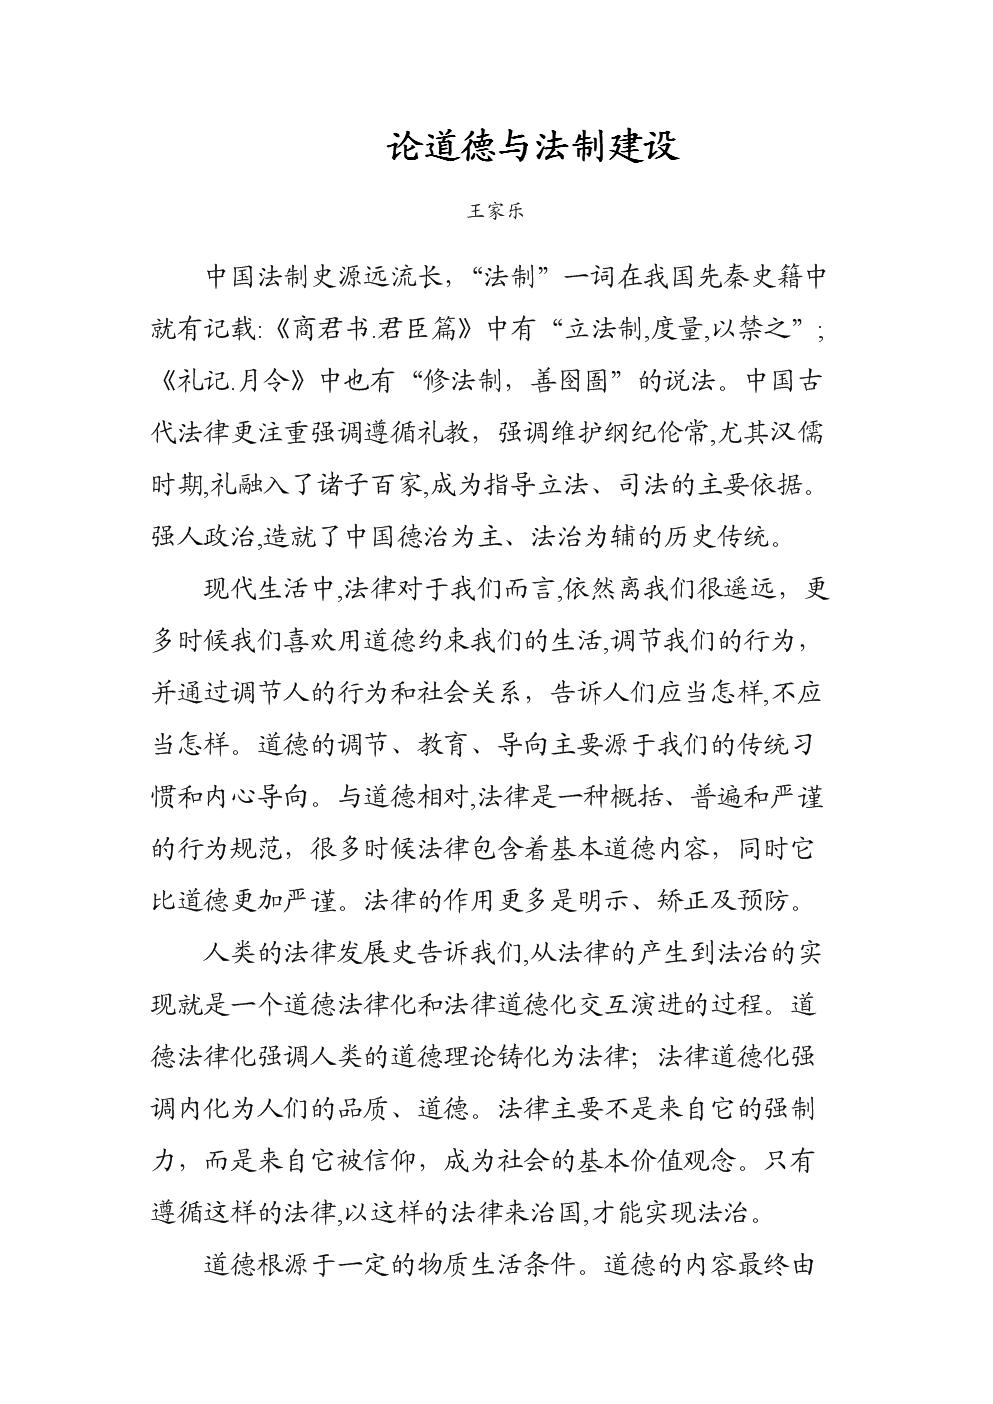 论道德与法制建设.doc